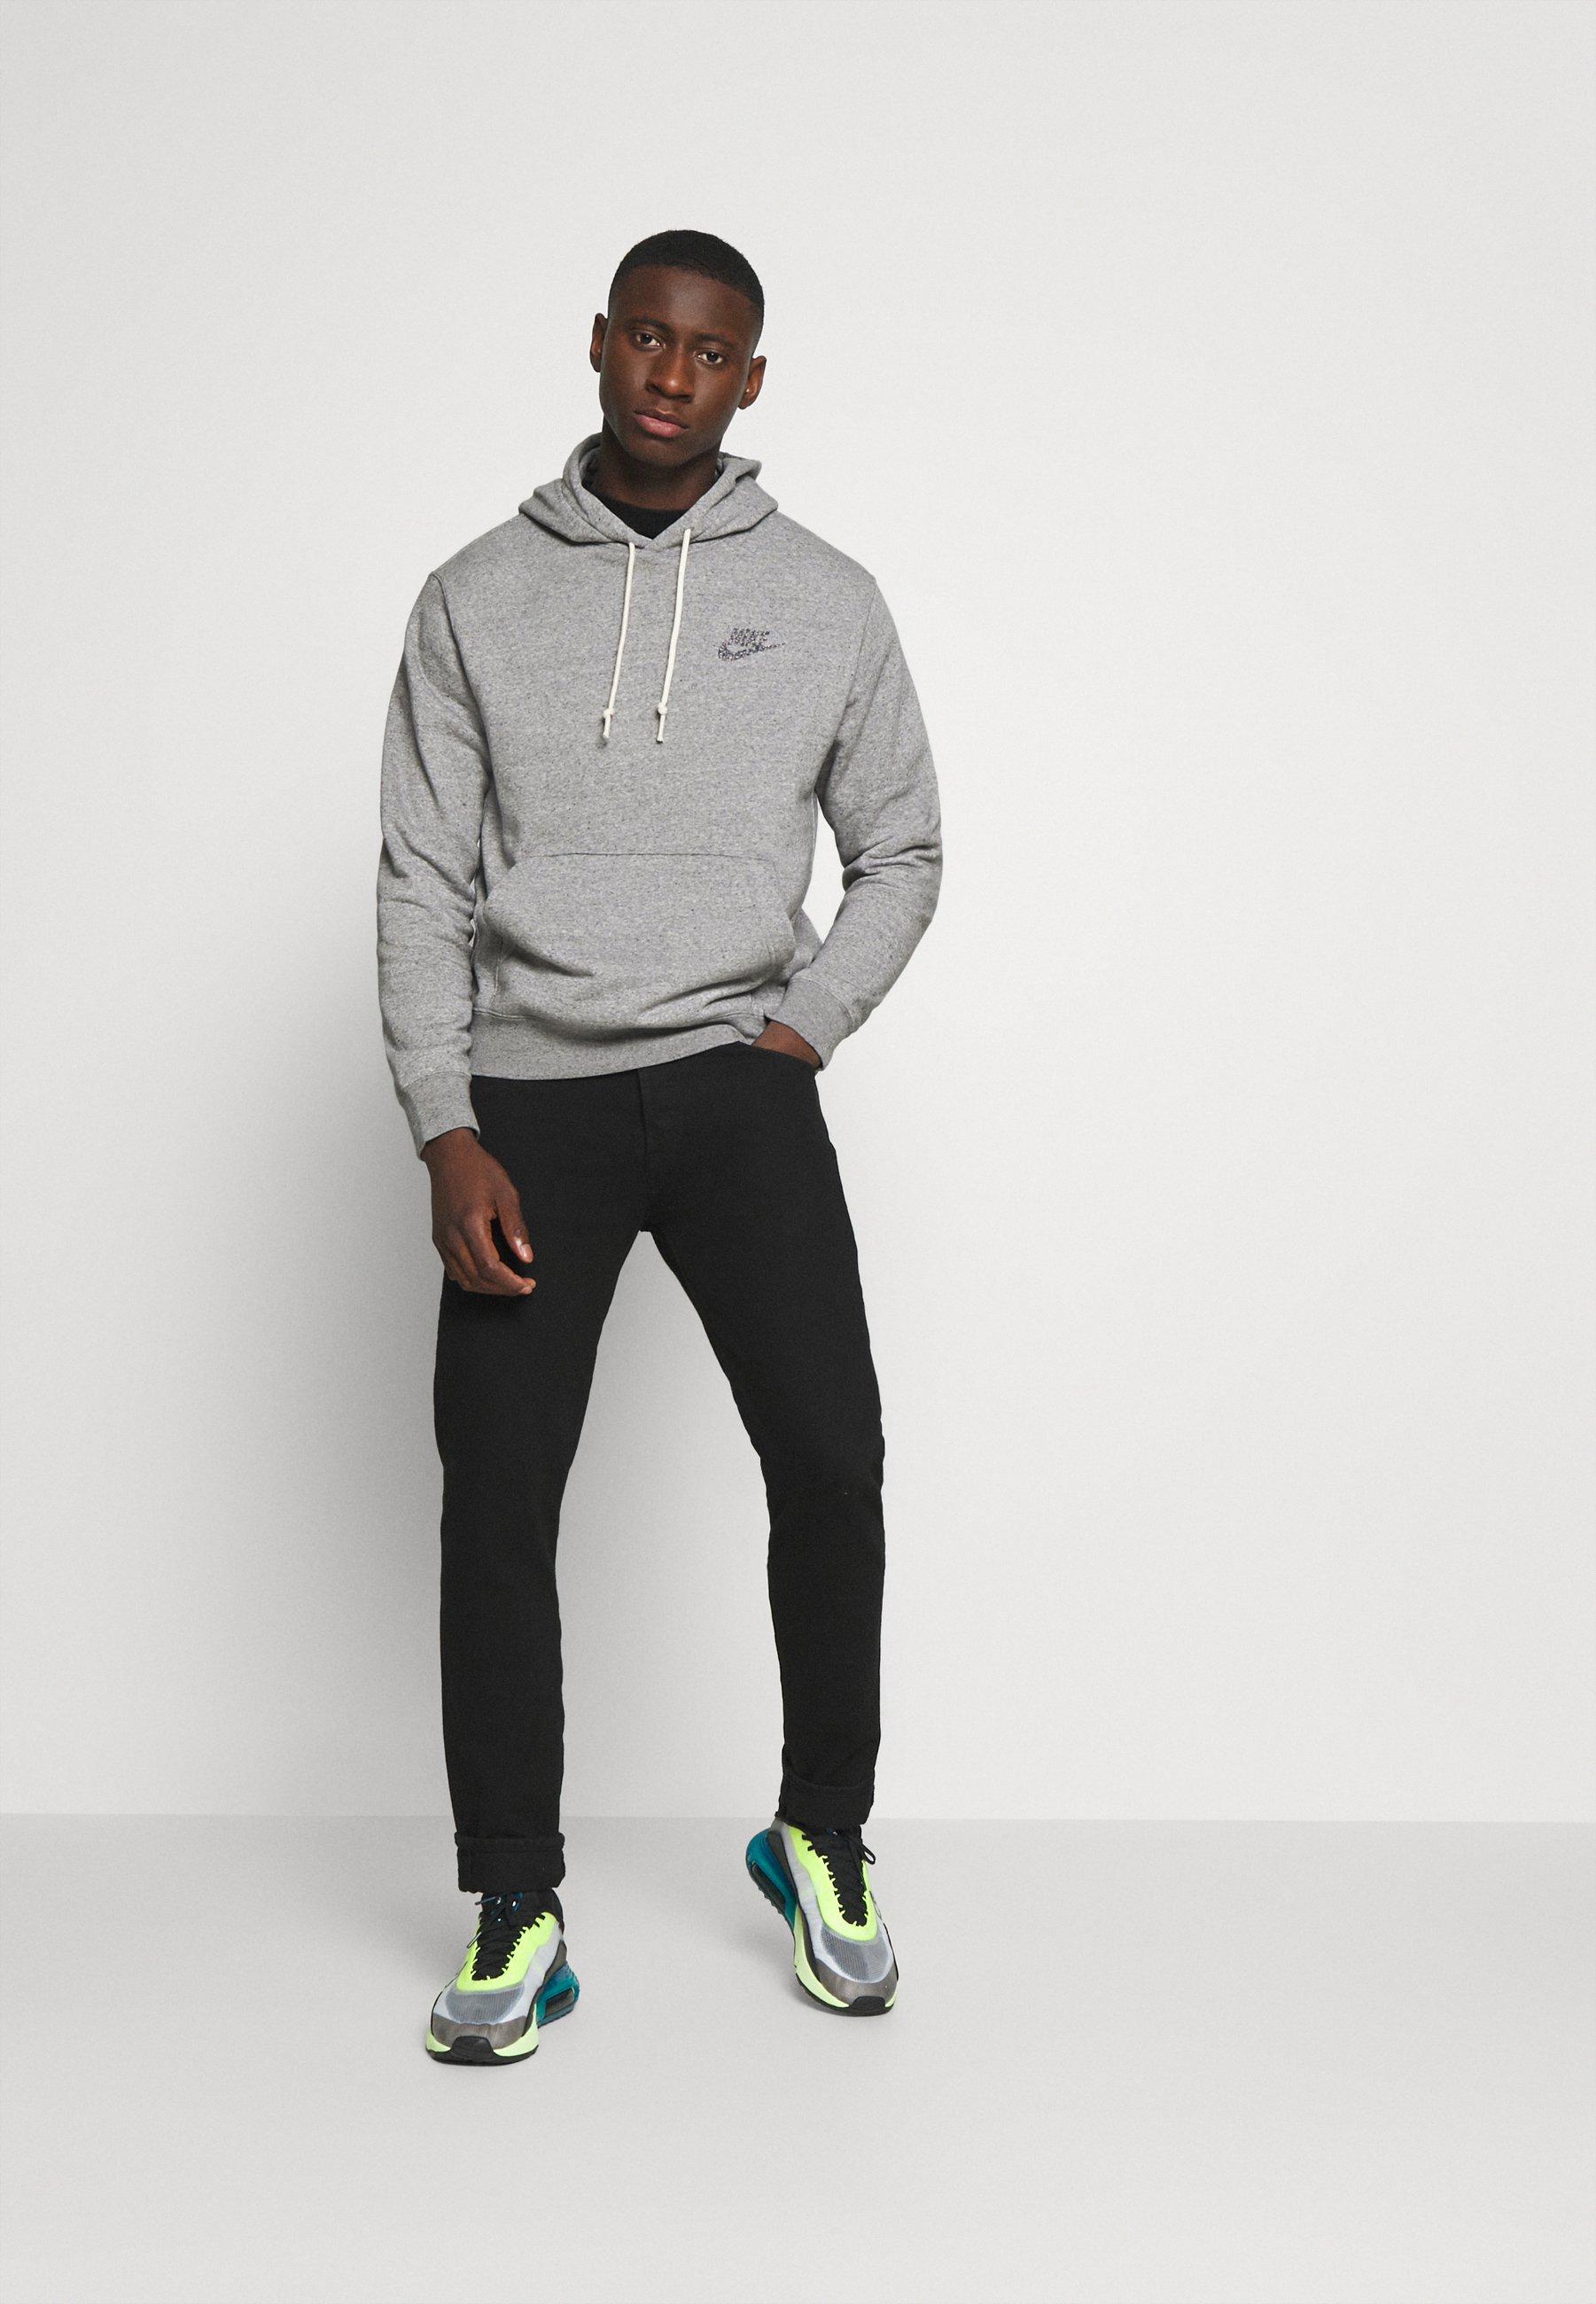 Nike Sportswear Hoodie - Multi-color/black/grå-melert